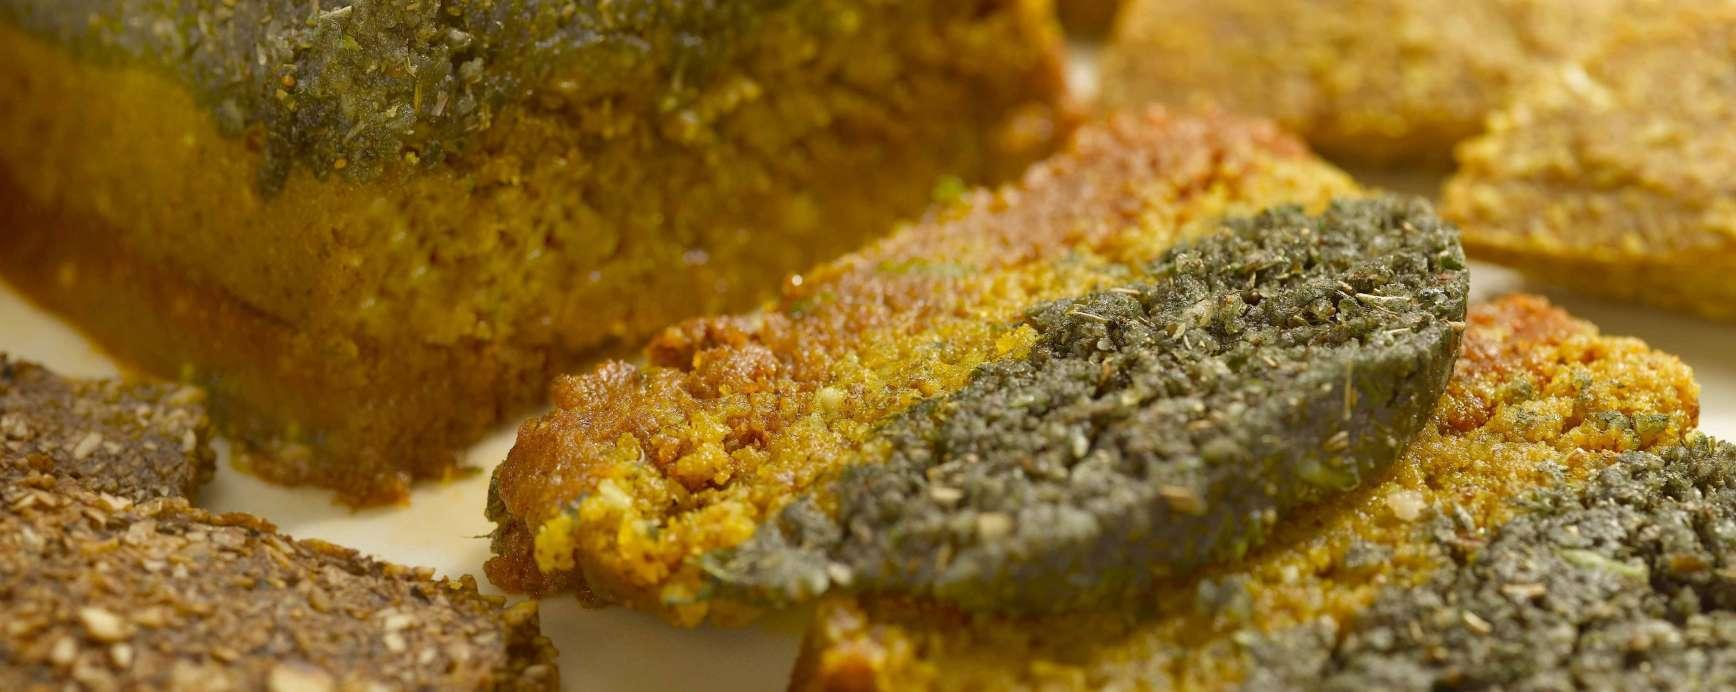 faites votre propre pâté végétarien avec cette recette